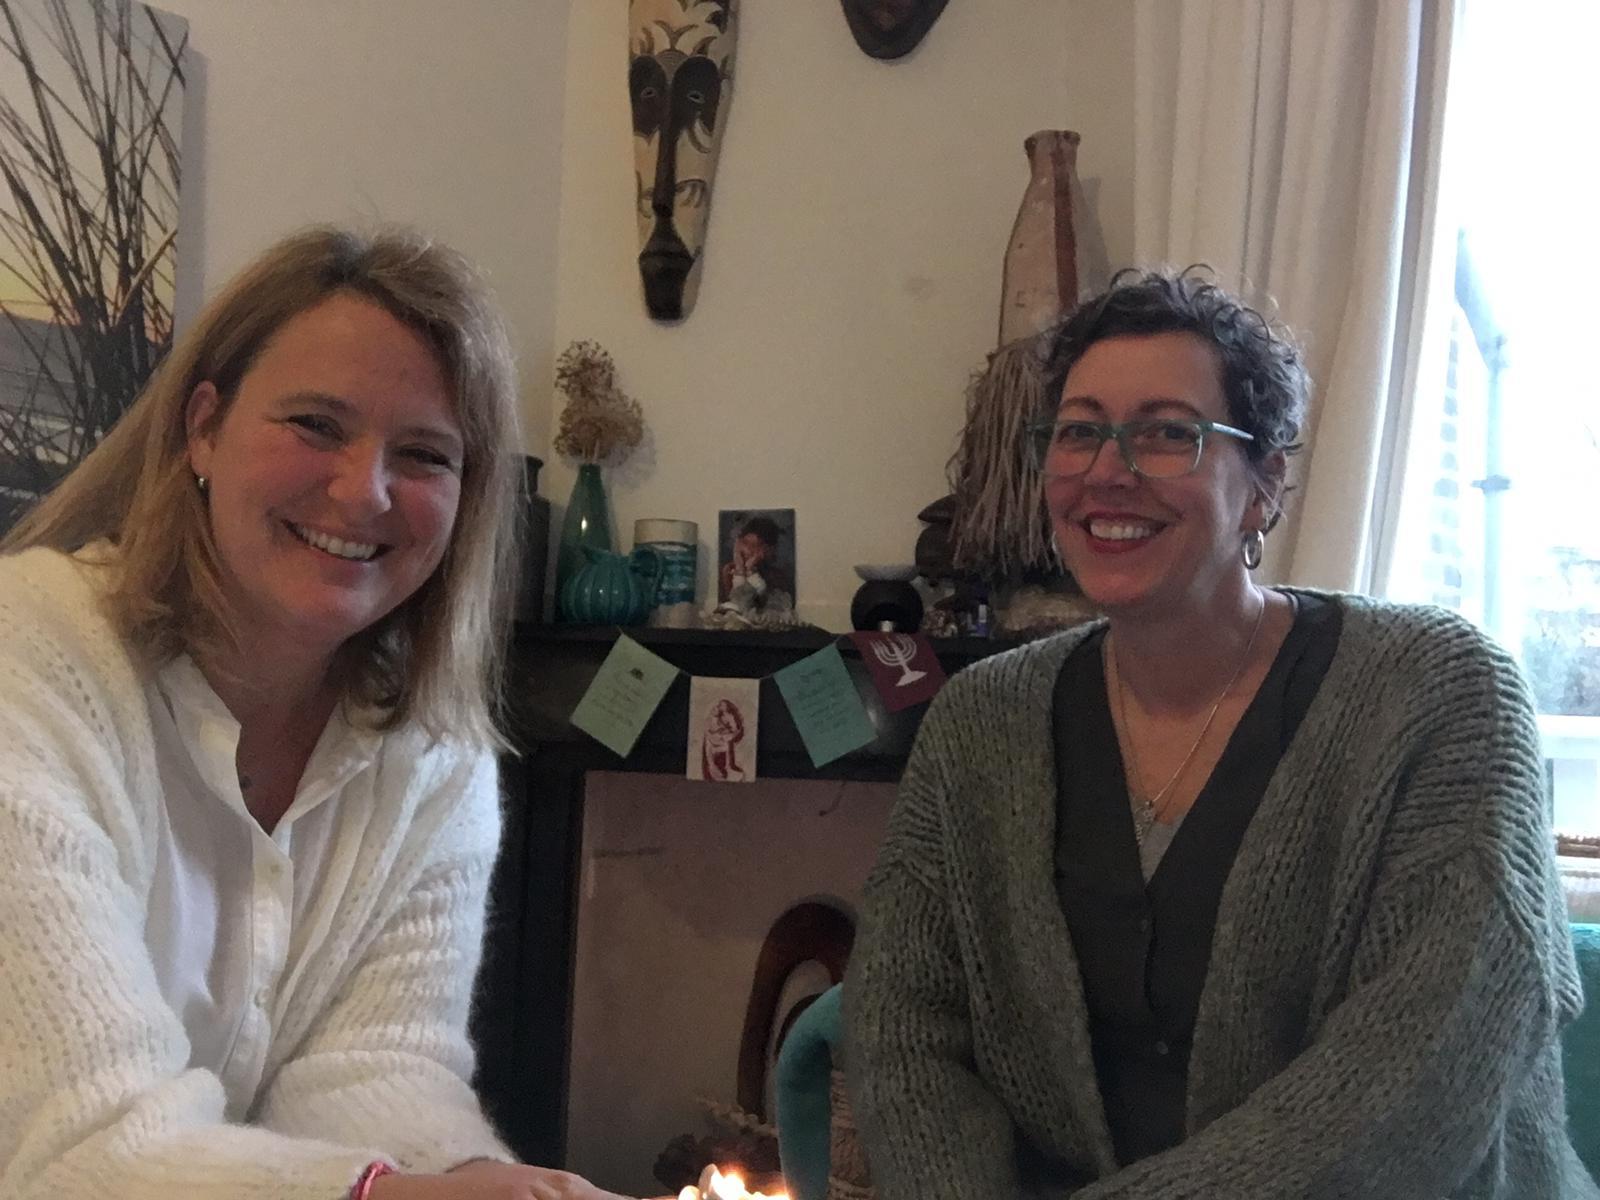 Jet en Dymphna praten over moeders en het moederschap